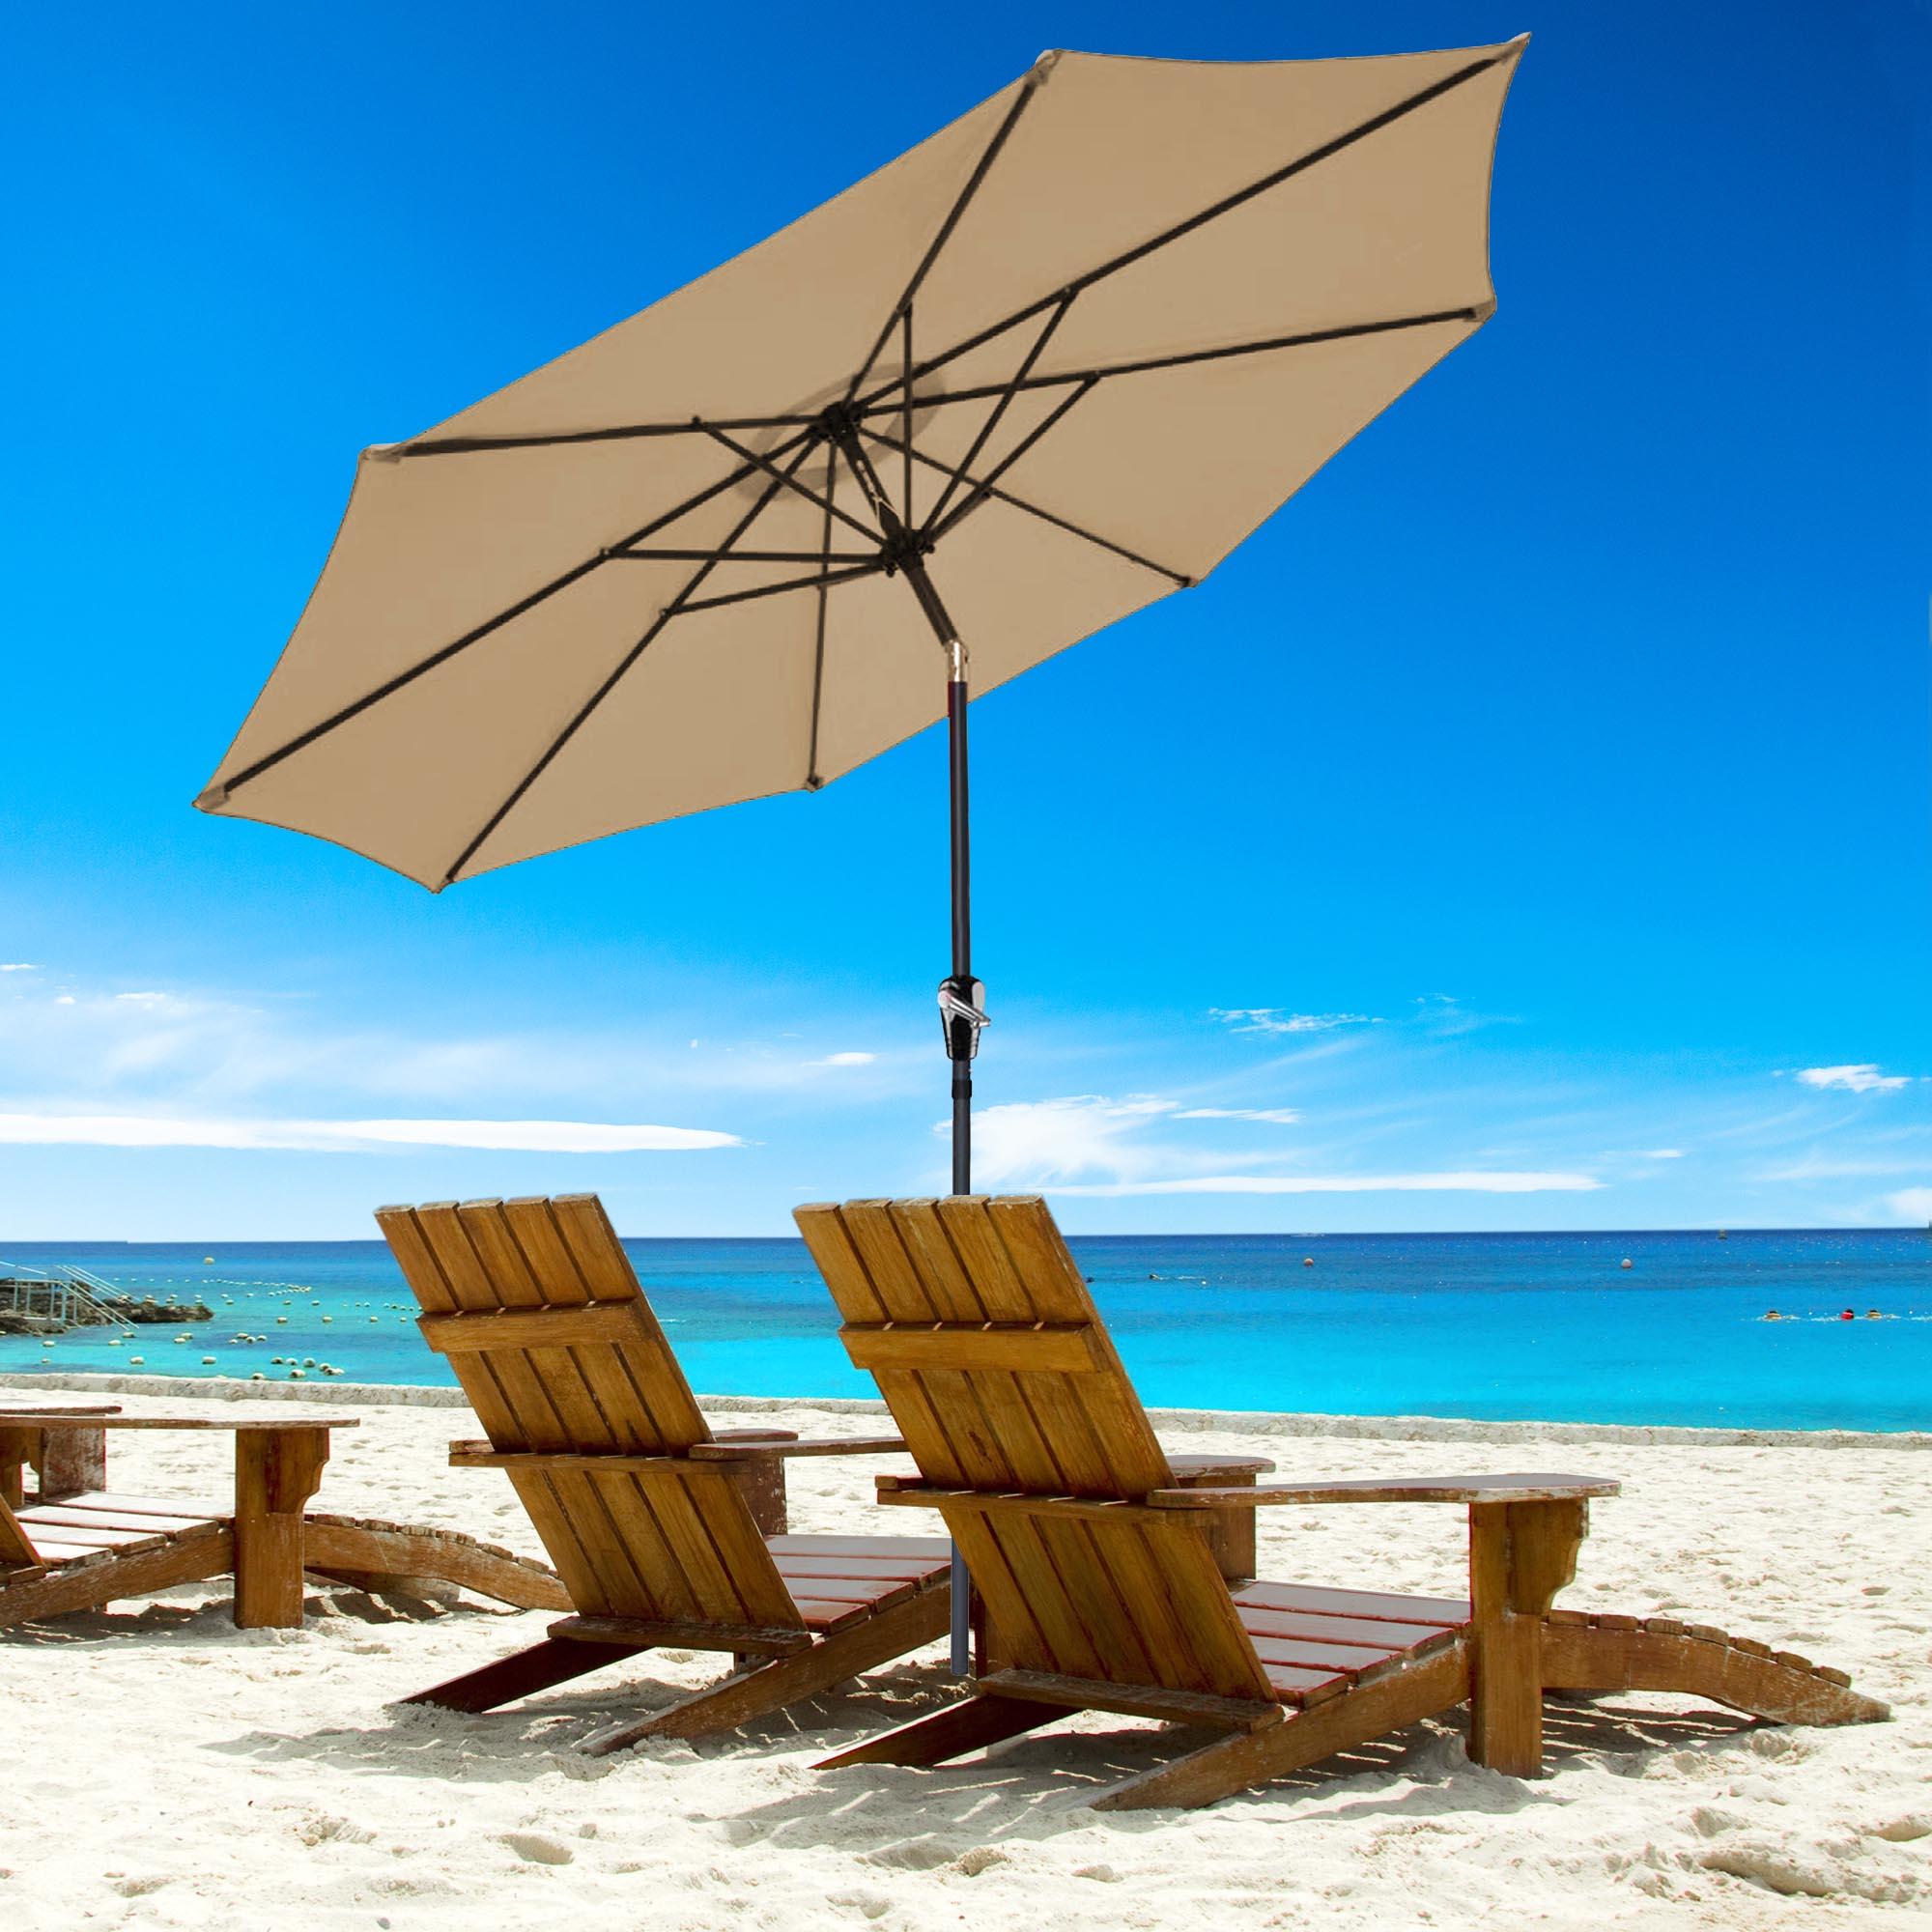 thumbnail 103 - 9' Outdoor Umbrella Patio 8 Ribs Market Garden Crank Tilt Beach Sunshade Parasol